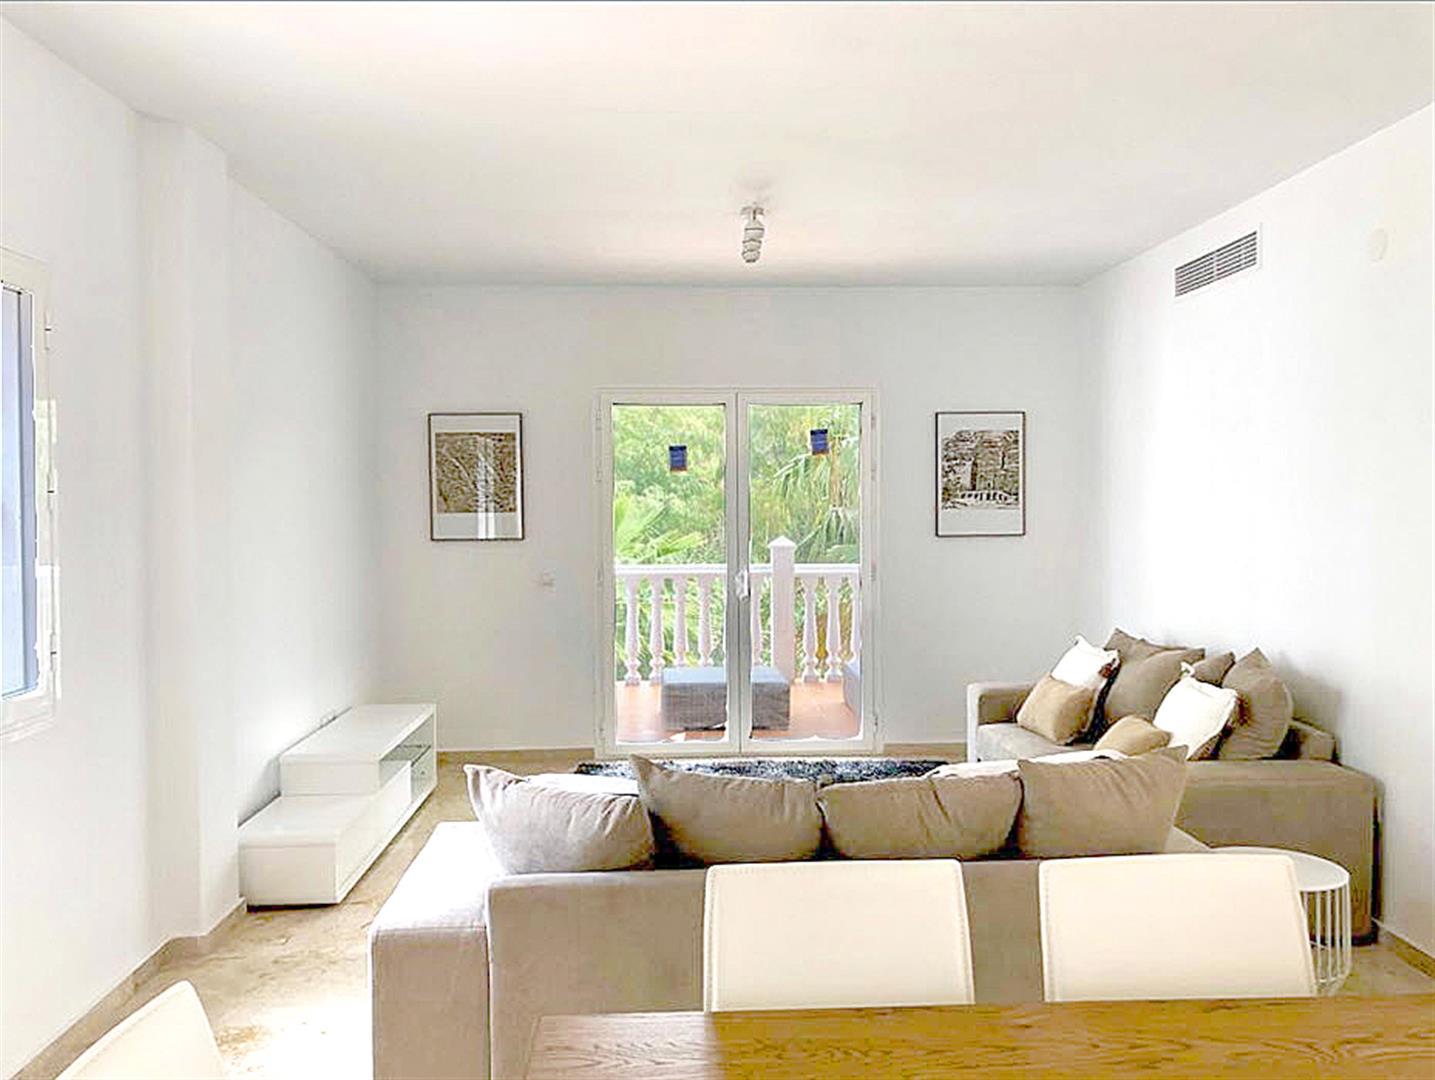 House in Benalmadena MV3713678 3